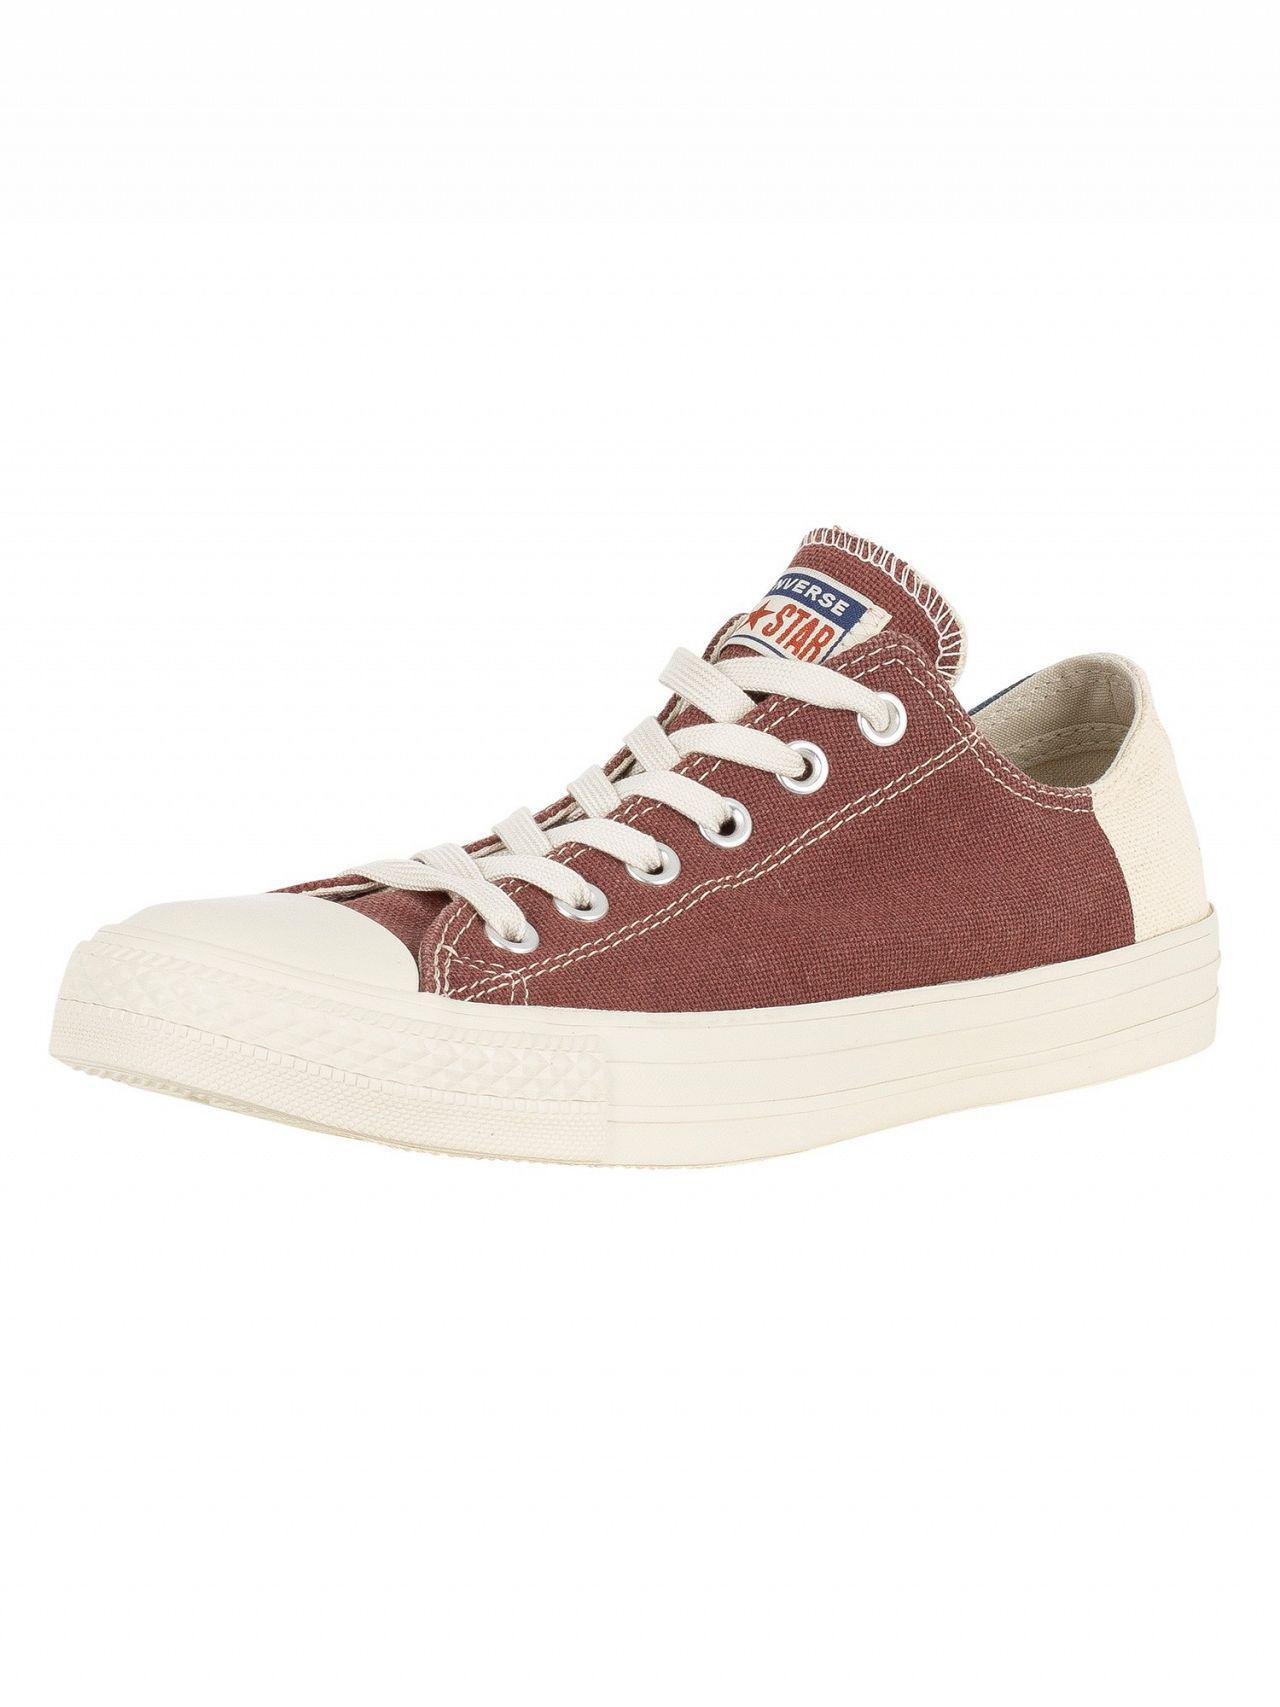 Verkauf Empfehlen CHUCK TAYLOR ALL STAR AMERICANA - Sneaker low - navy/mars stone Günstig Kaufen Neue Real Für Verkauf MY3NB